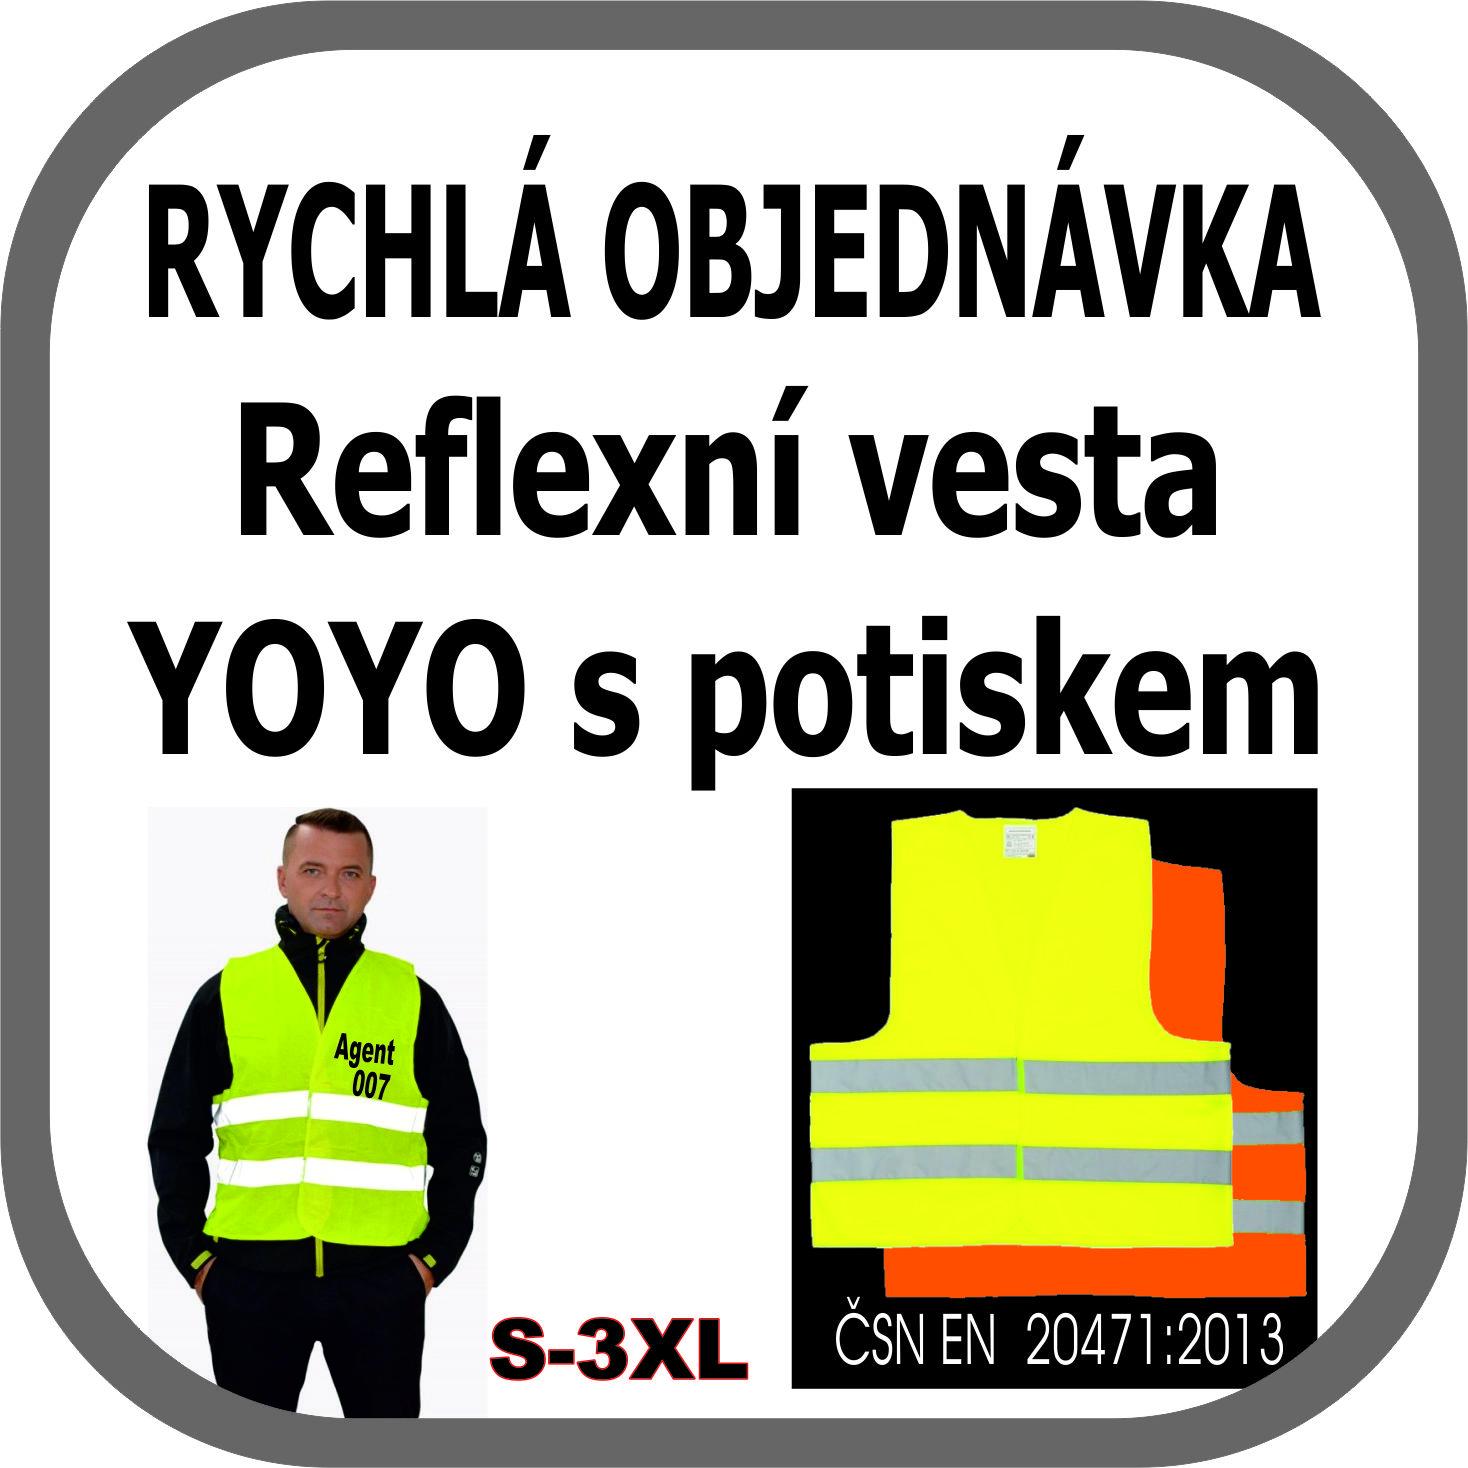 YoYo vesta